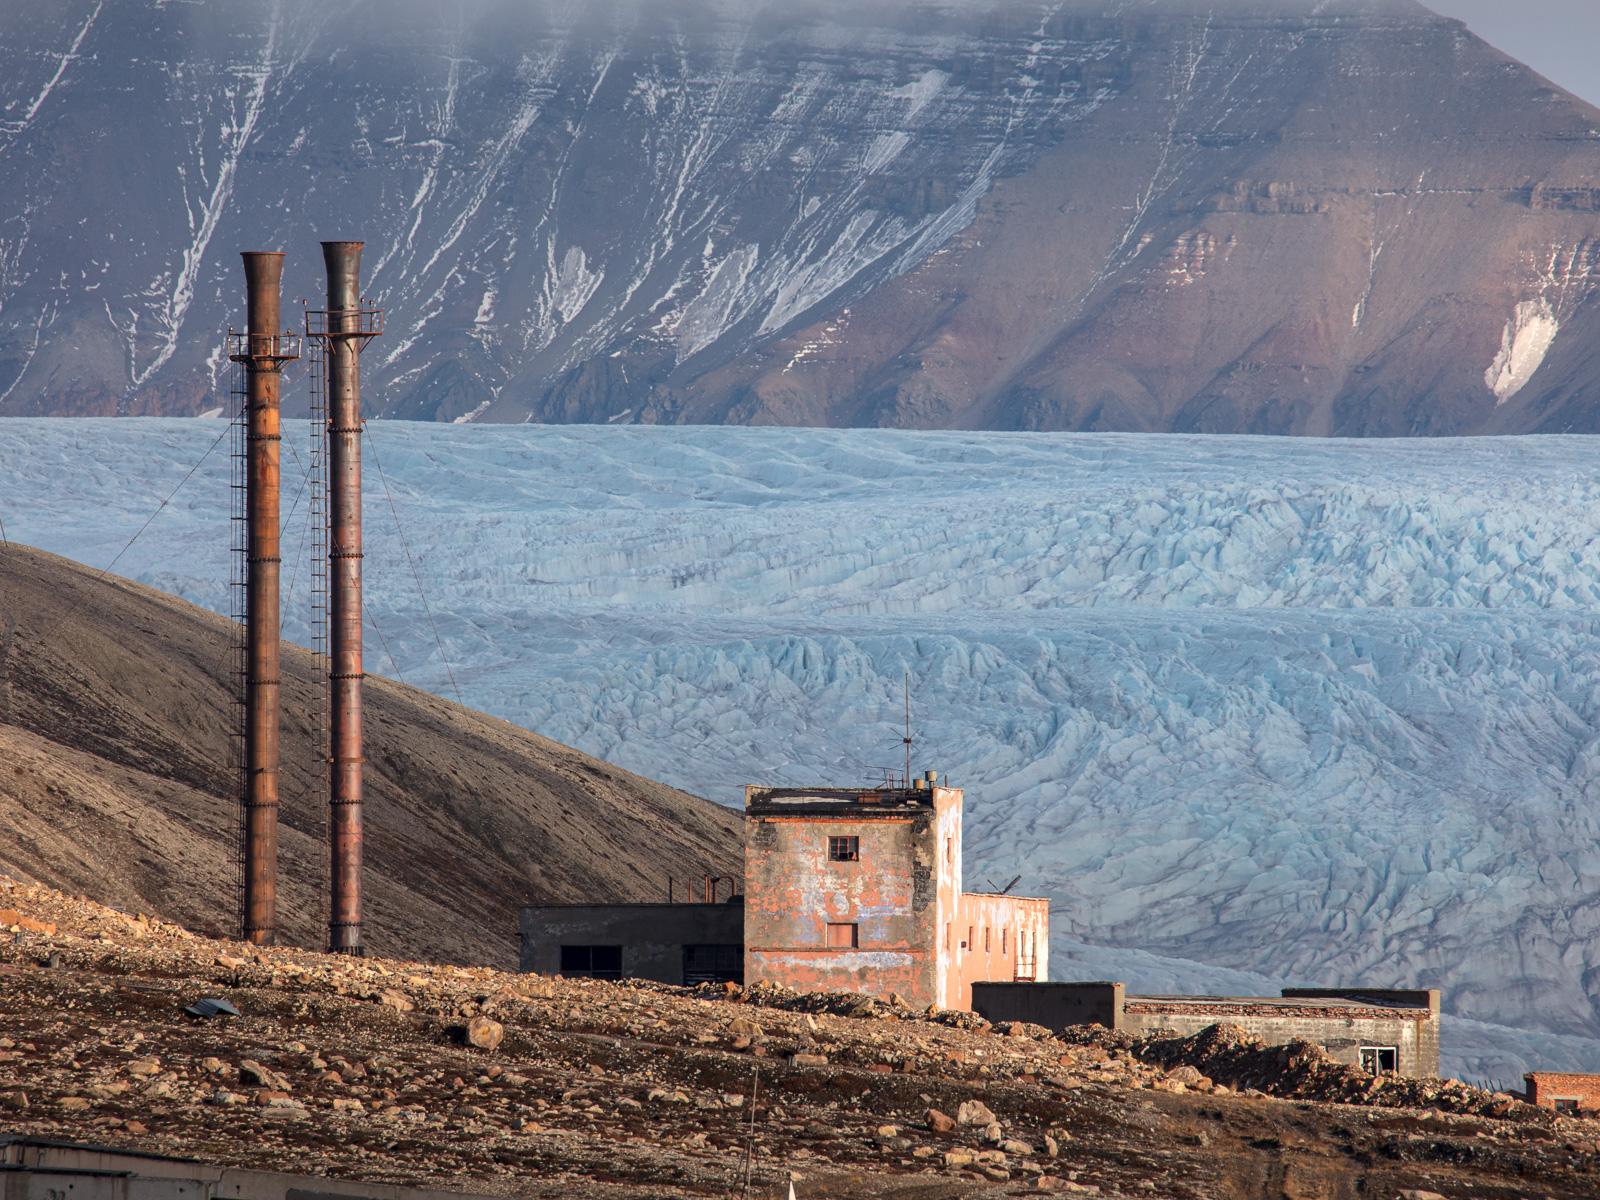 Svalbard_Spitsbergen_Pyramiden-15